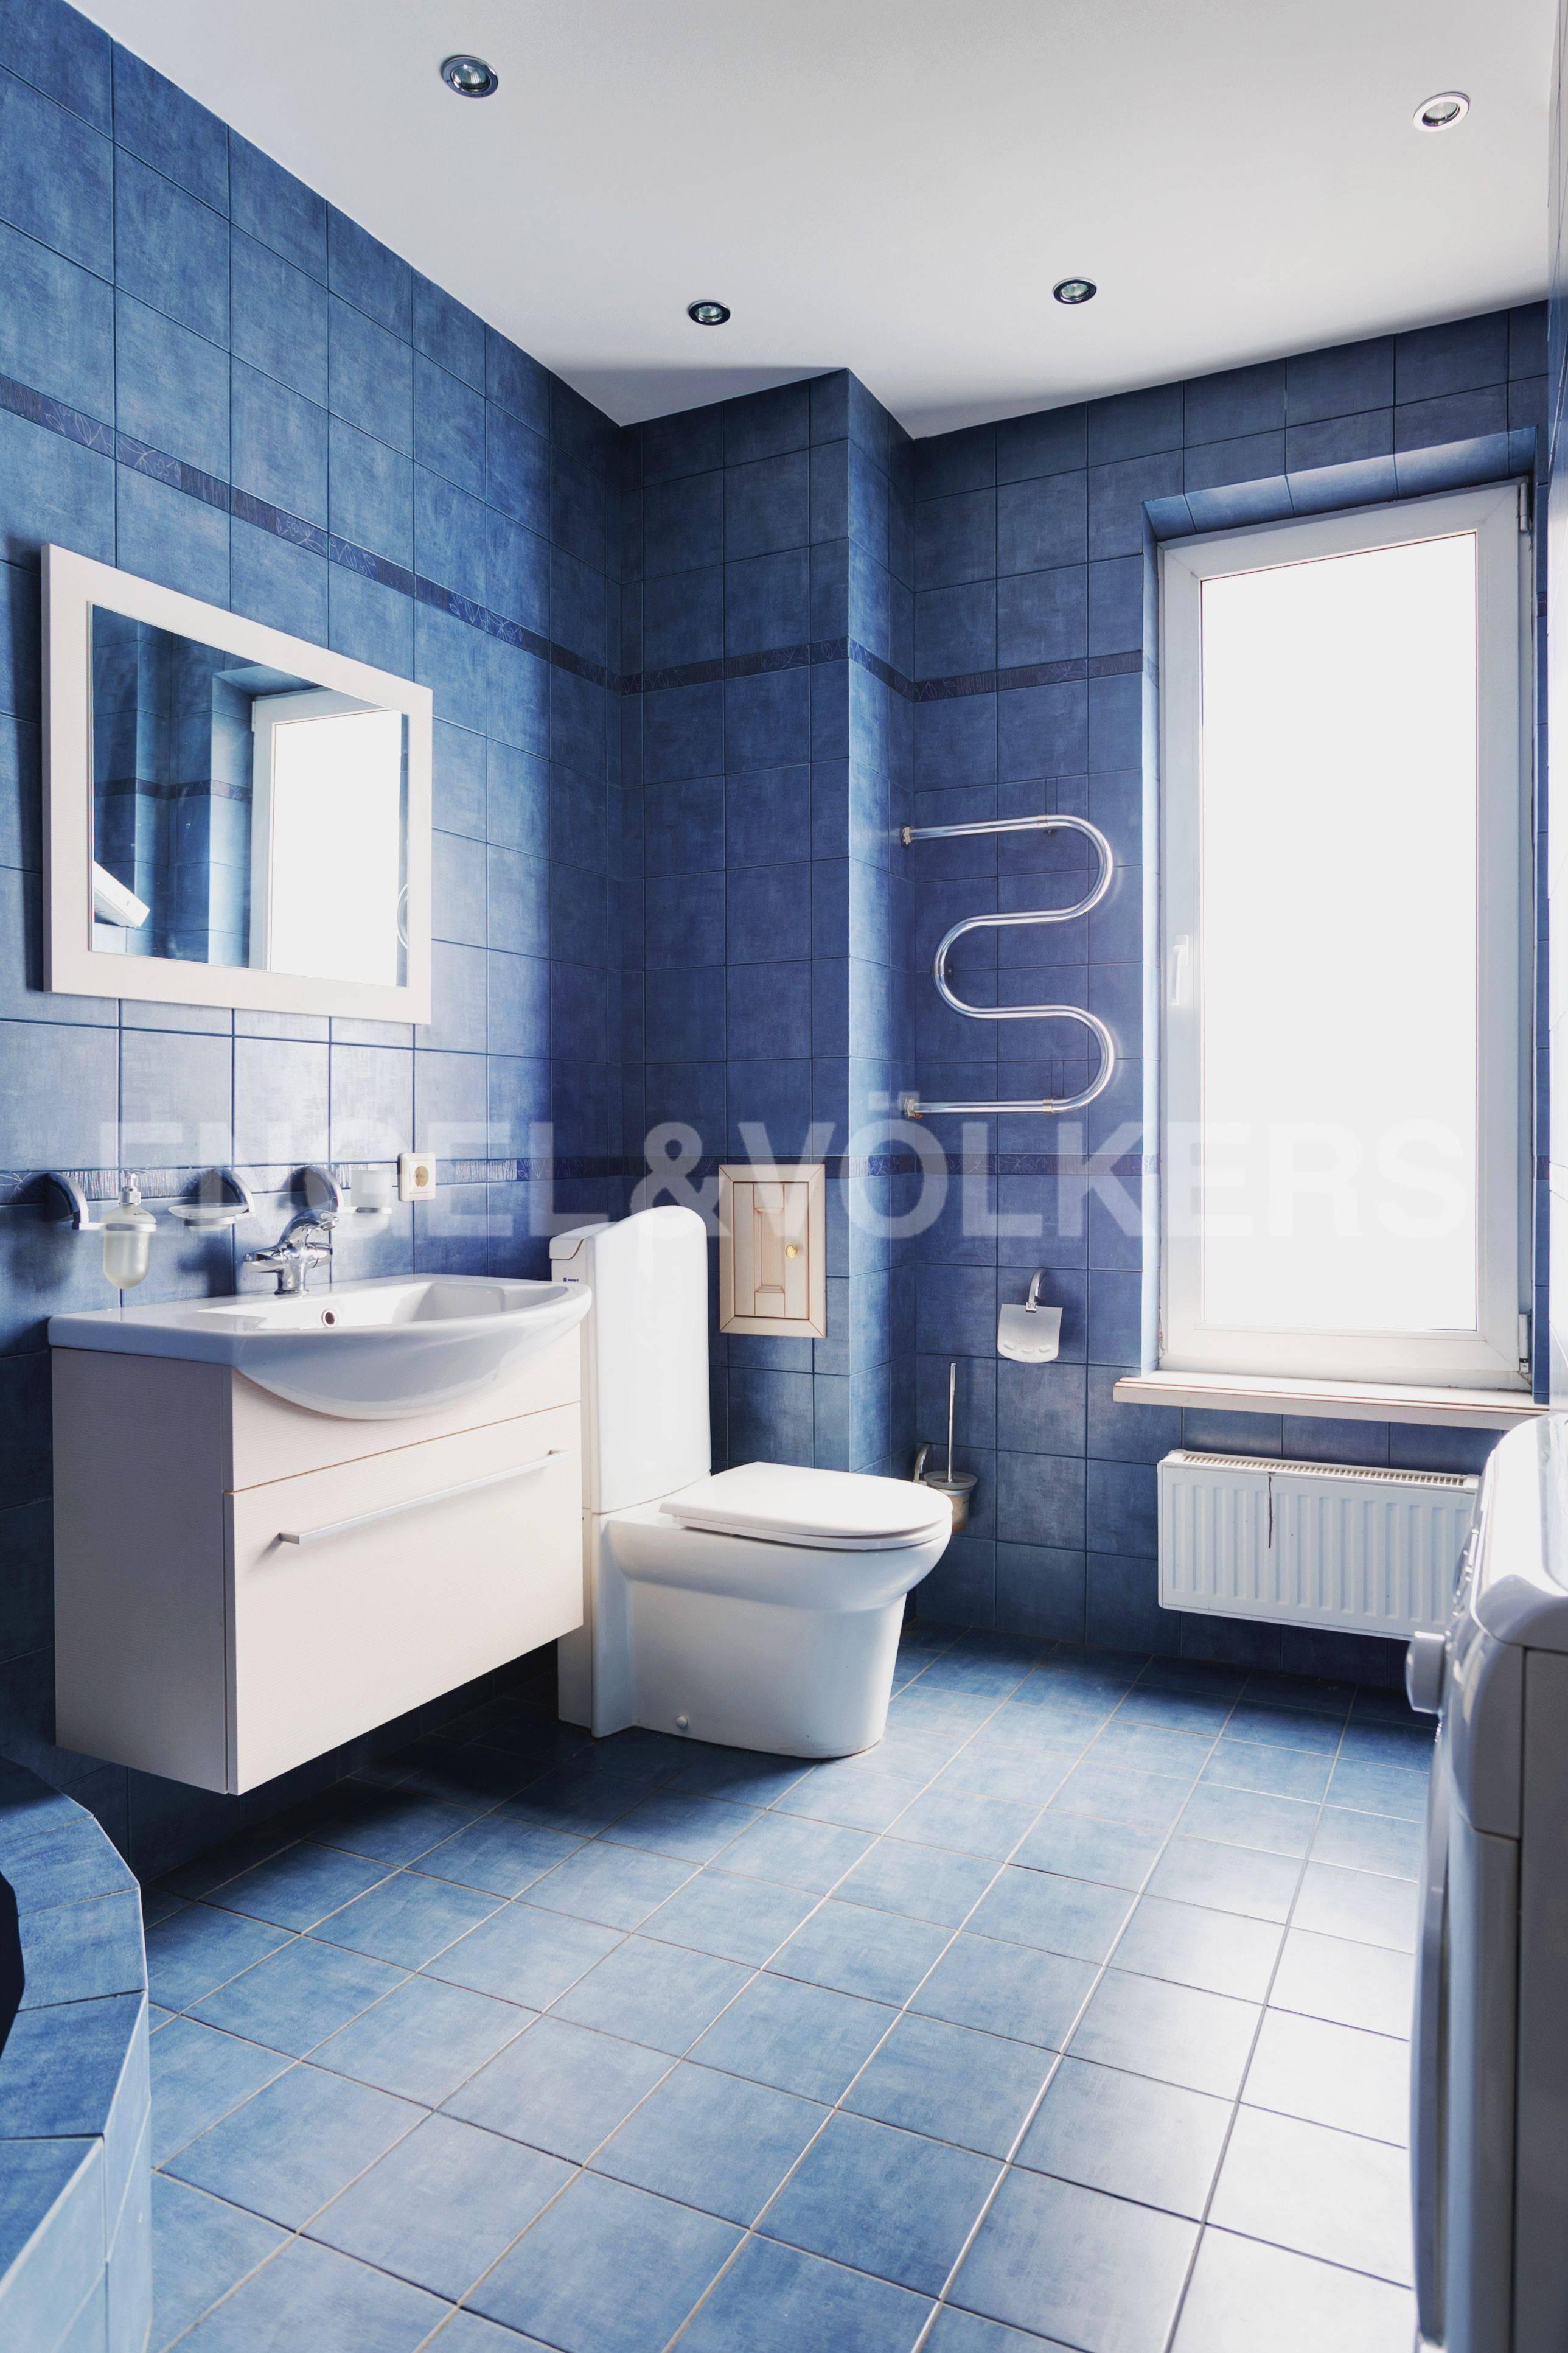 Элитные квартиры в Выборгский р-н. Санкт-Петербург, Большой Сампсониевский пр. 4-6. Ванная комната